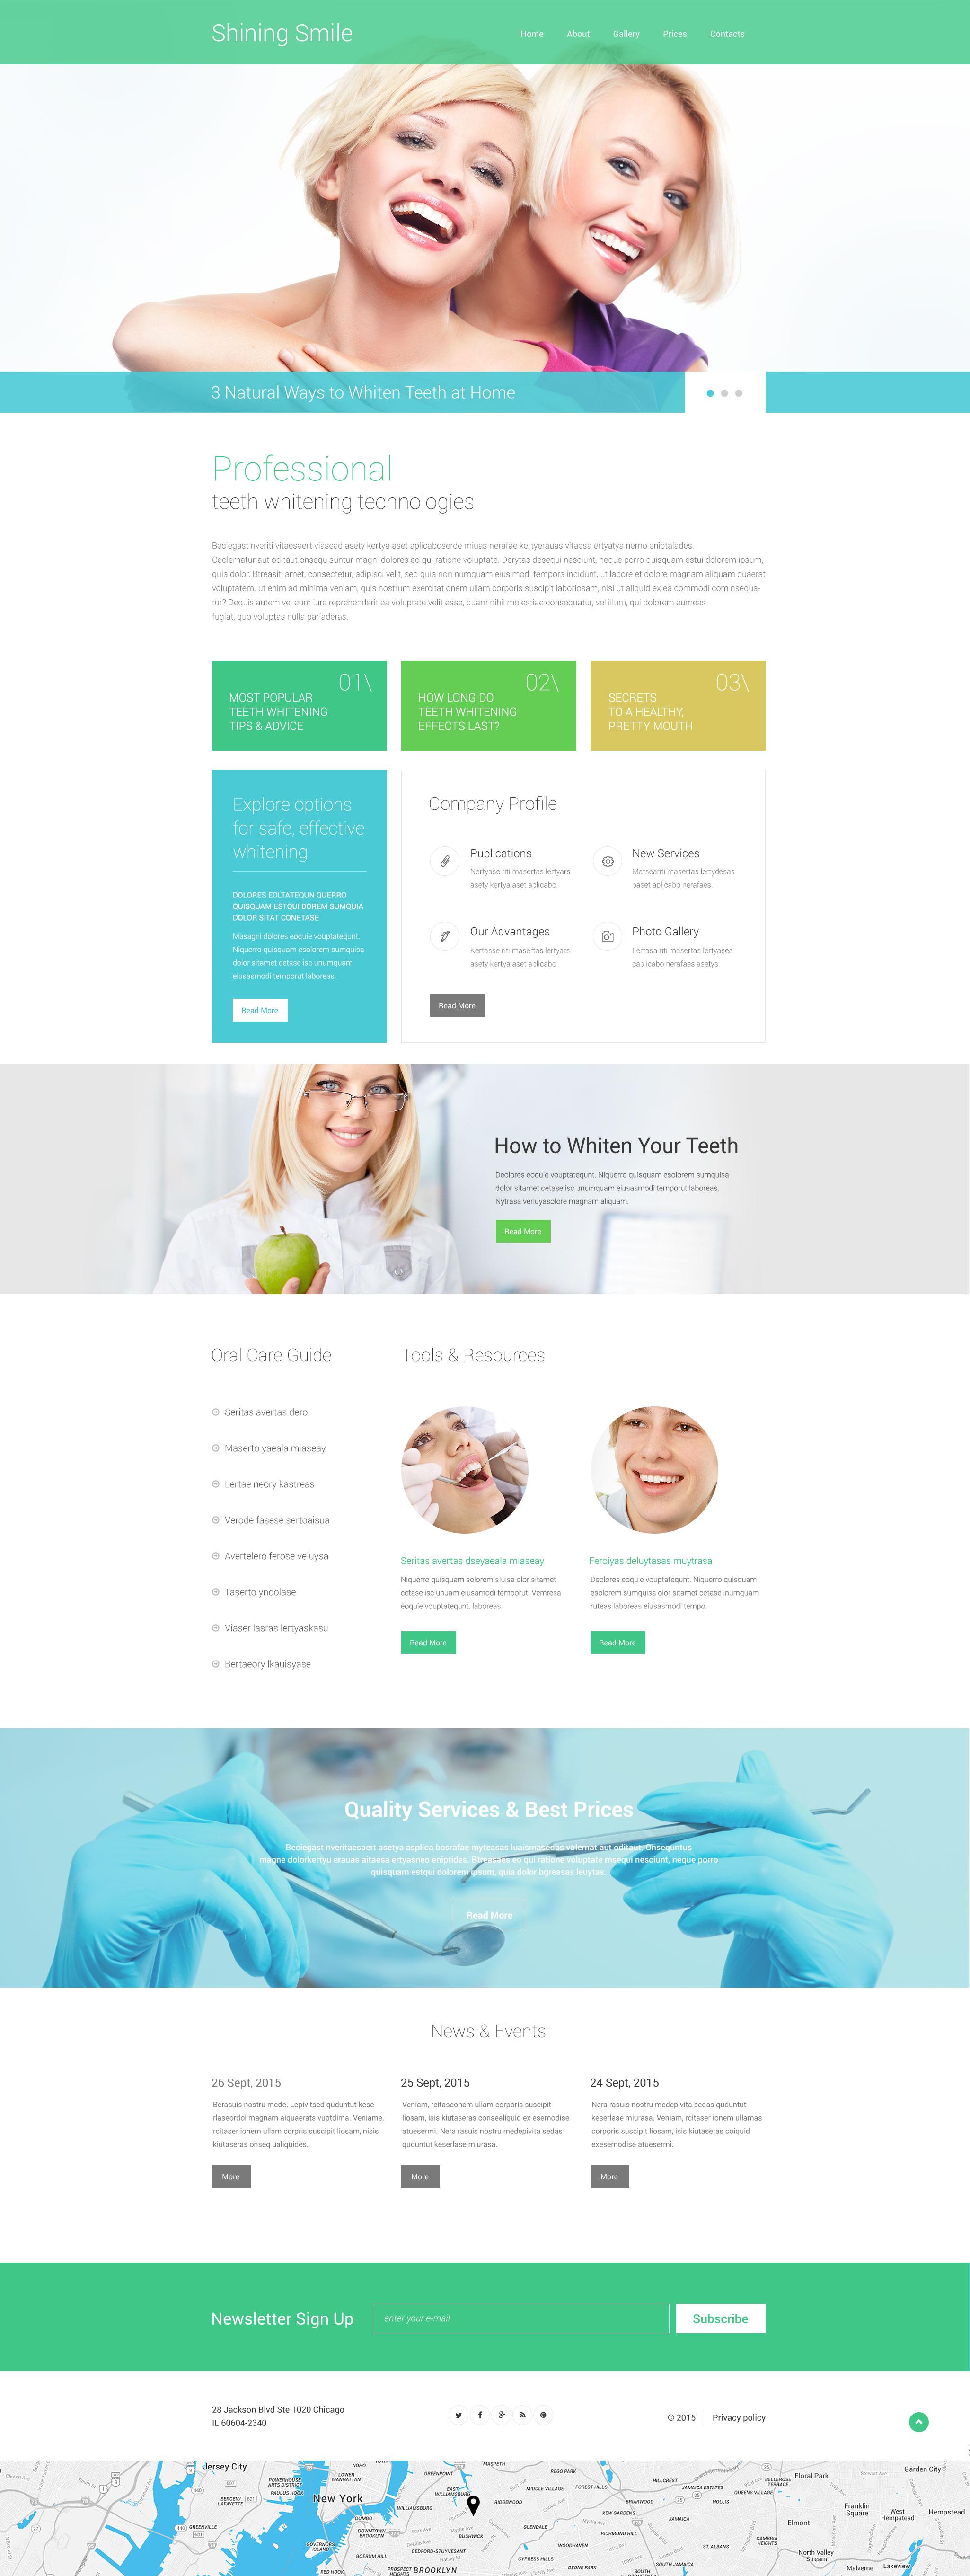 Modèle Web adaptatif pour site de dentisterie #57891